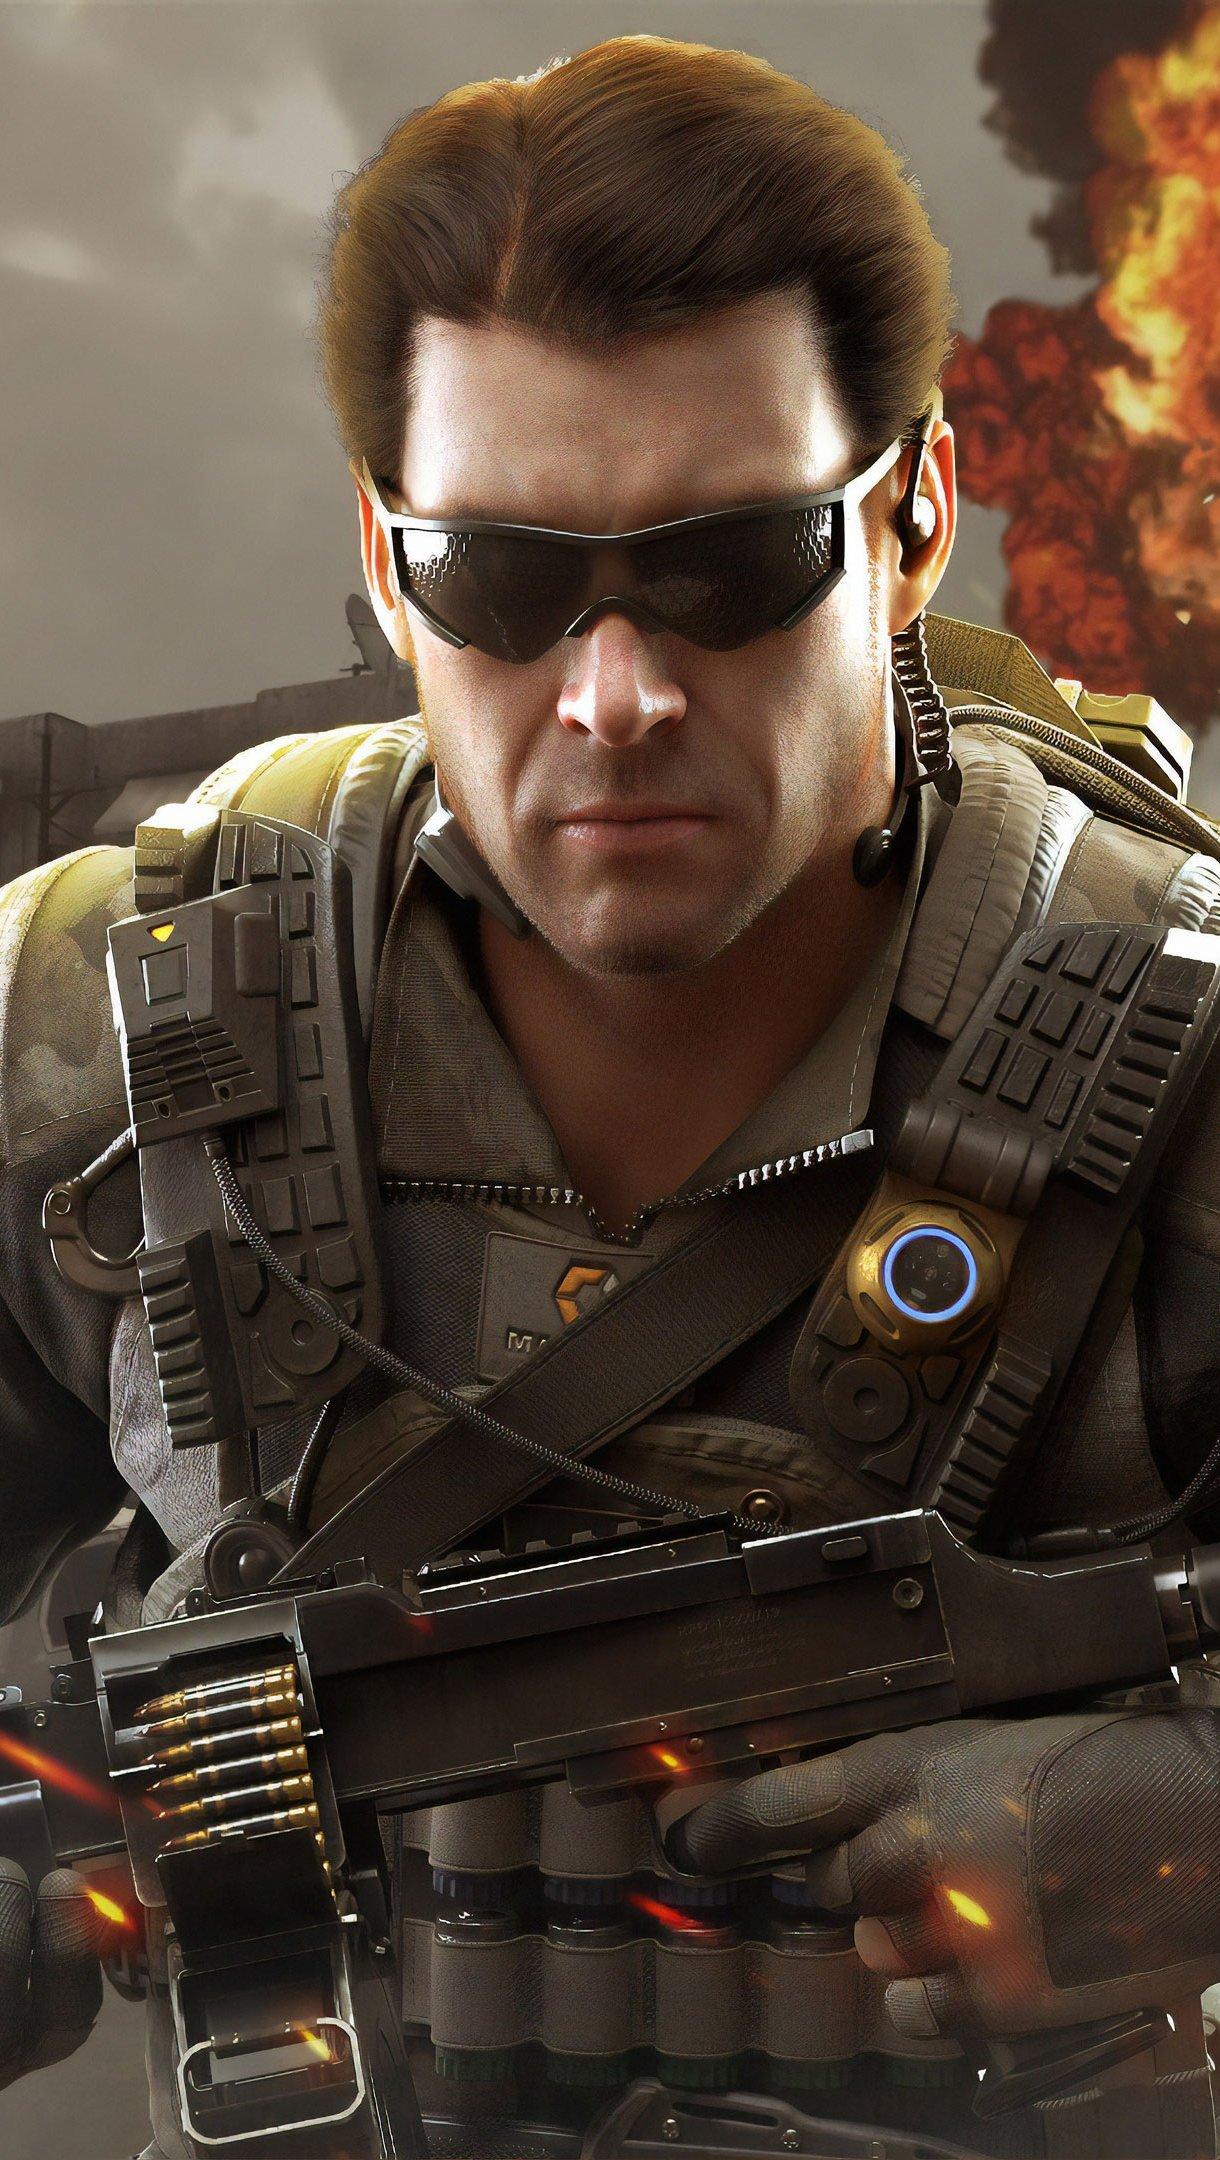 Fondos de pantalla Call of Duty Mobile Vertical